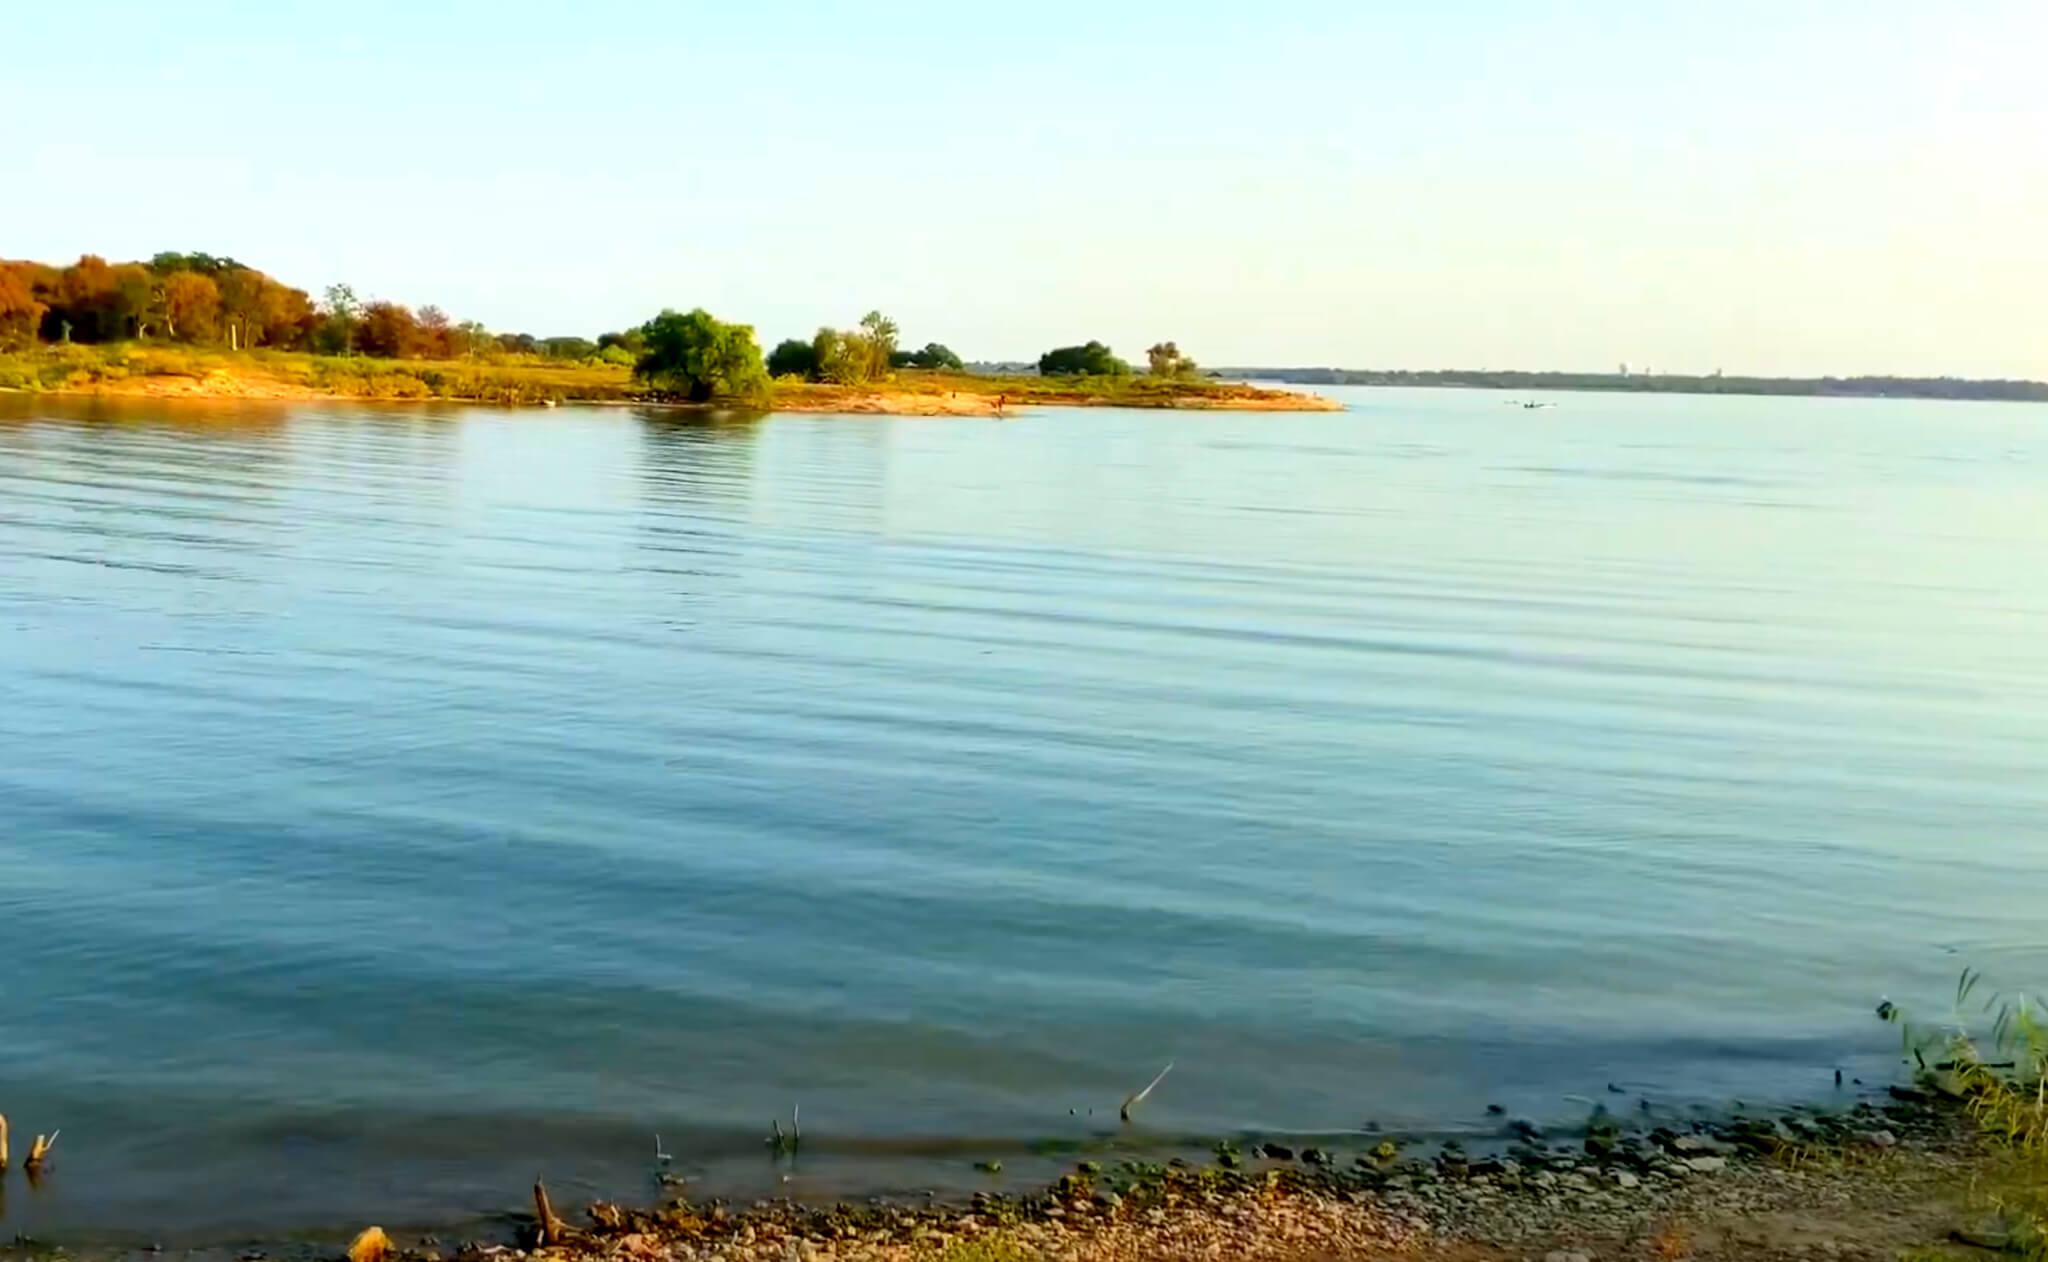 Grapevine-Lake-Fishing-Report-Guide-Texas-TX-01